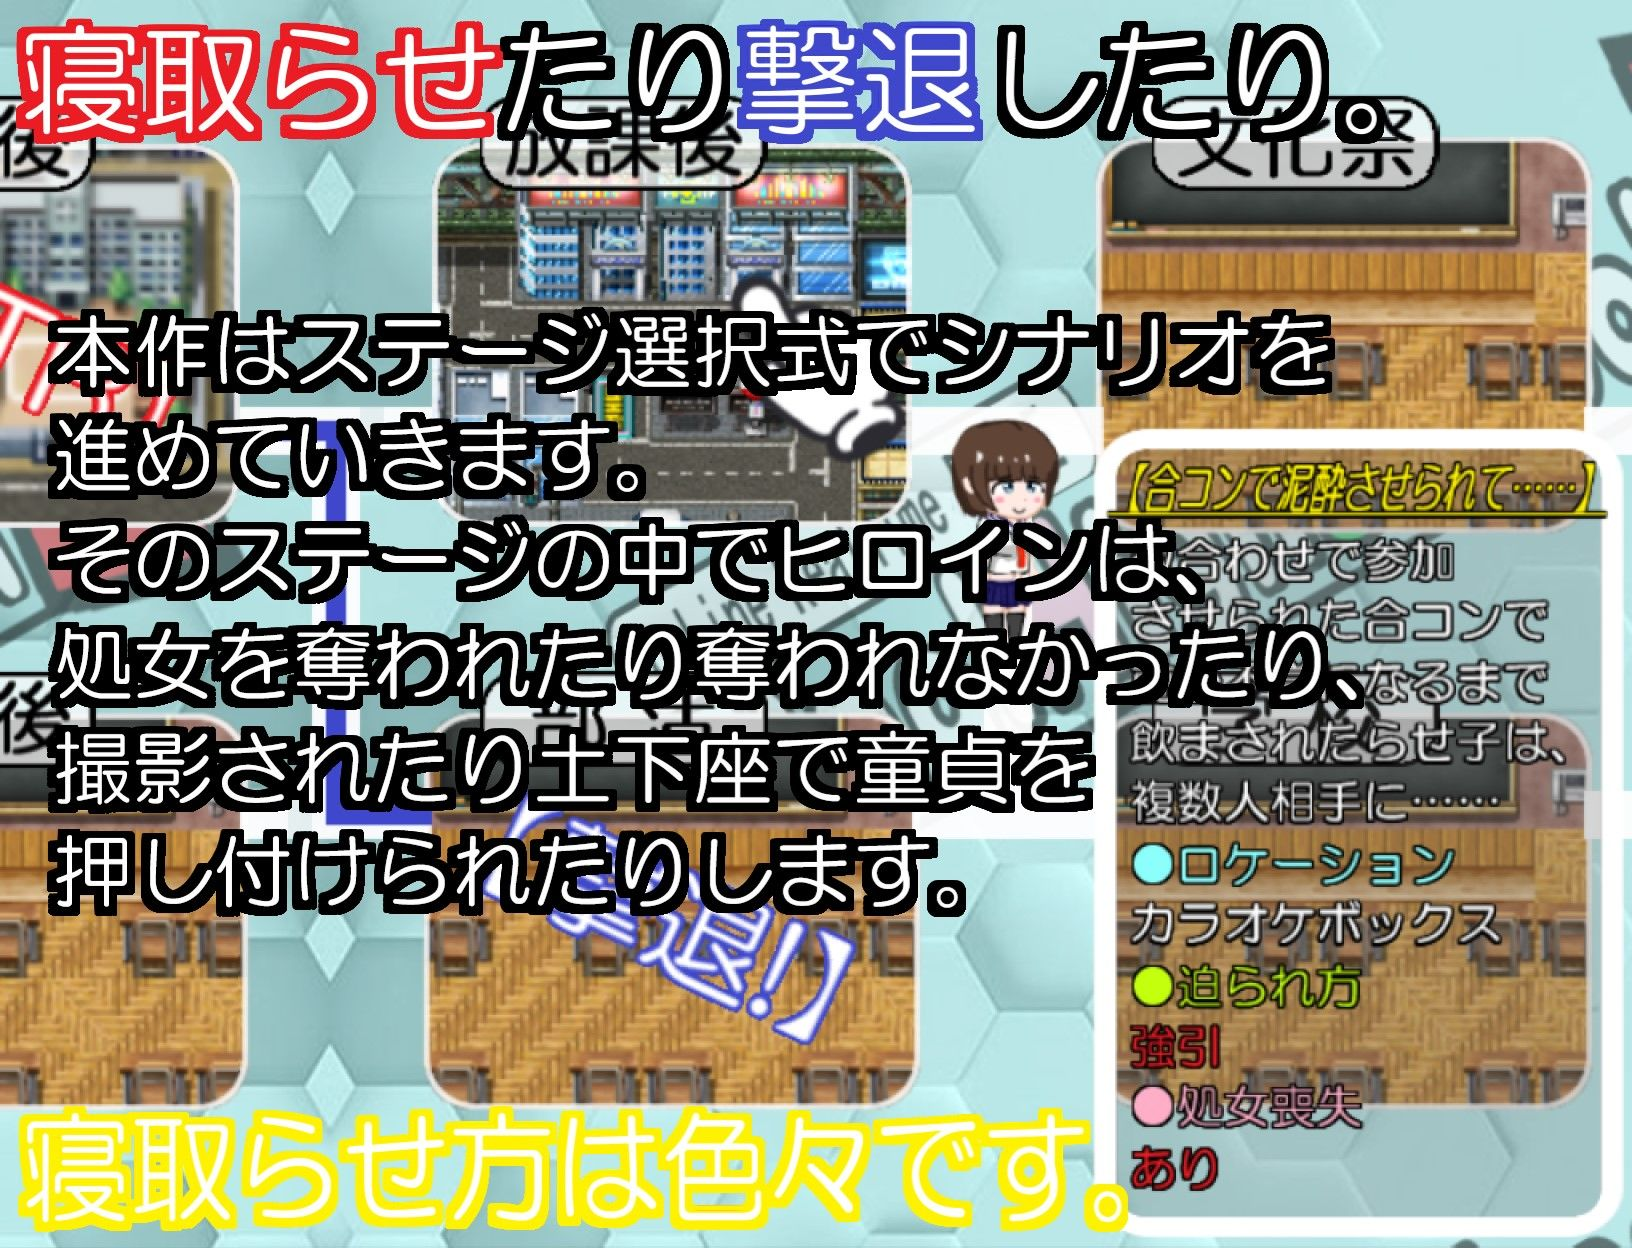 『ファイナルハイ○クール3』プレイ動画のサンプル画像4